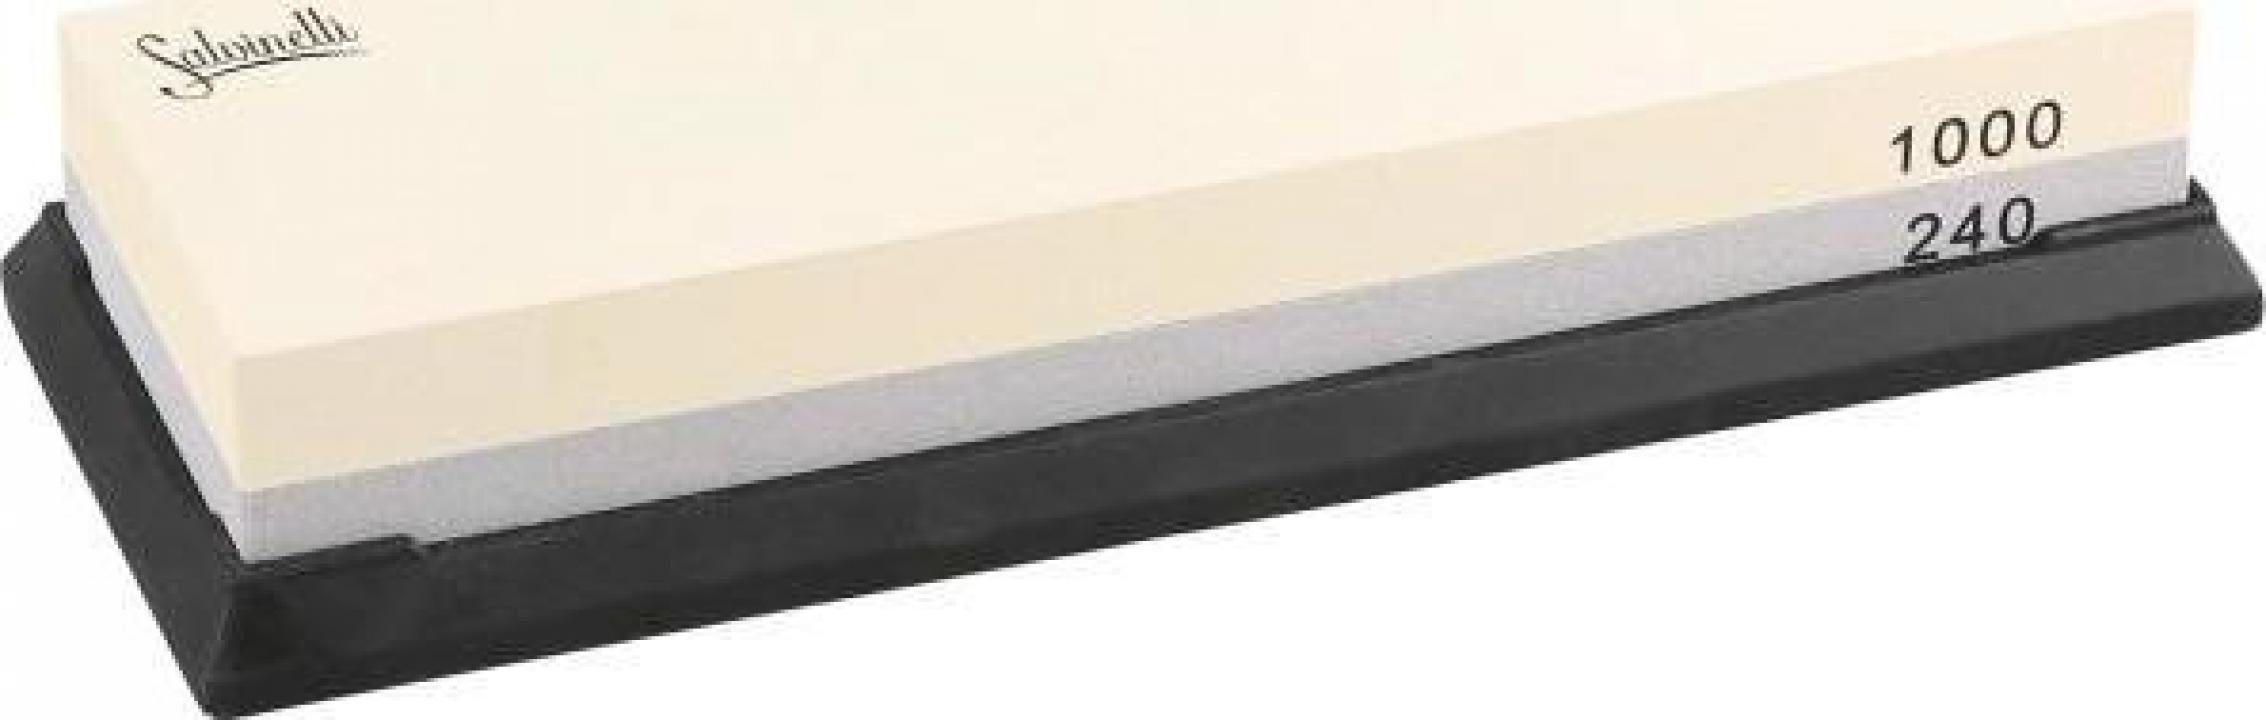 Piatra ascutit cutite 240/1000